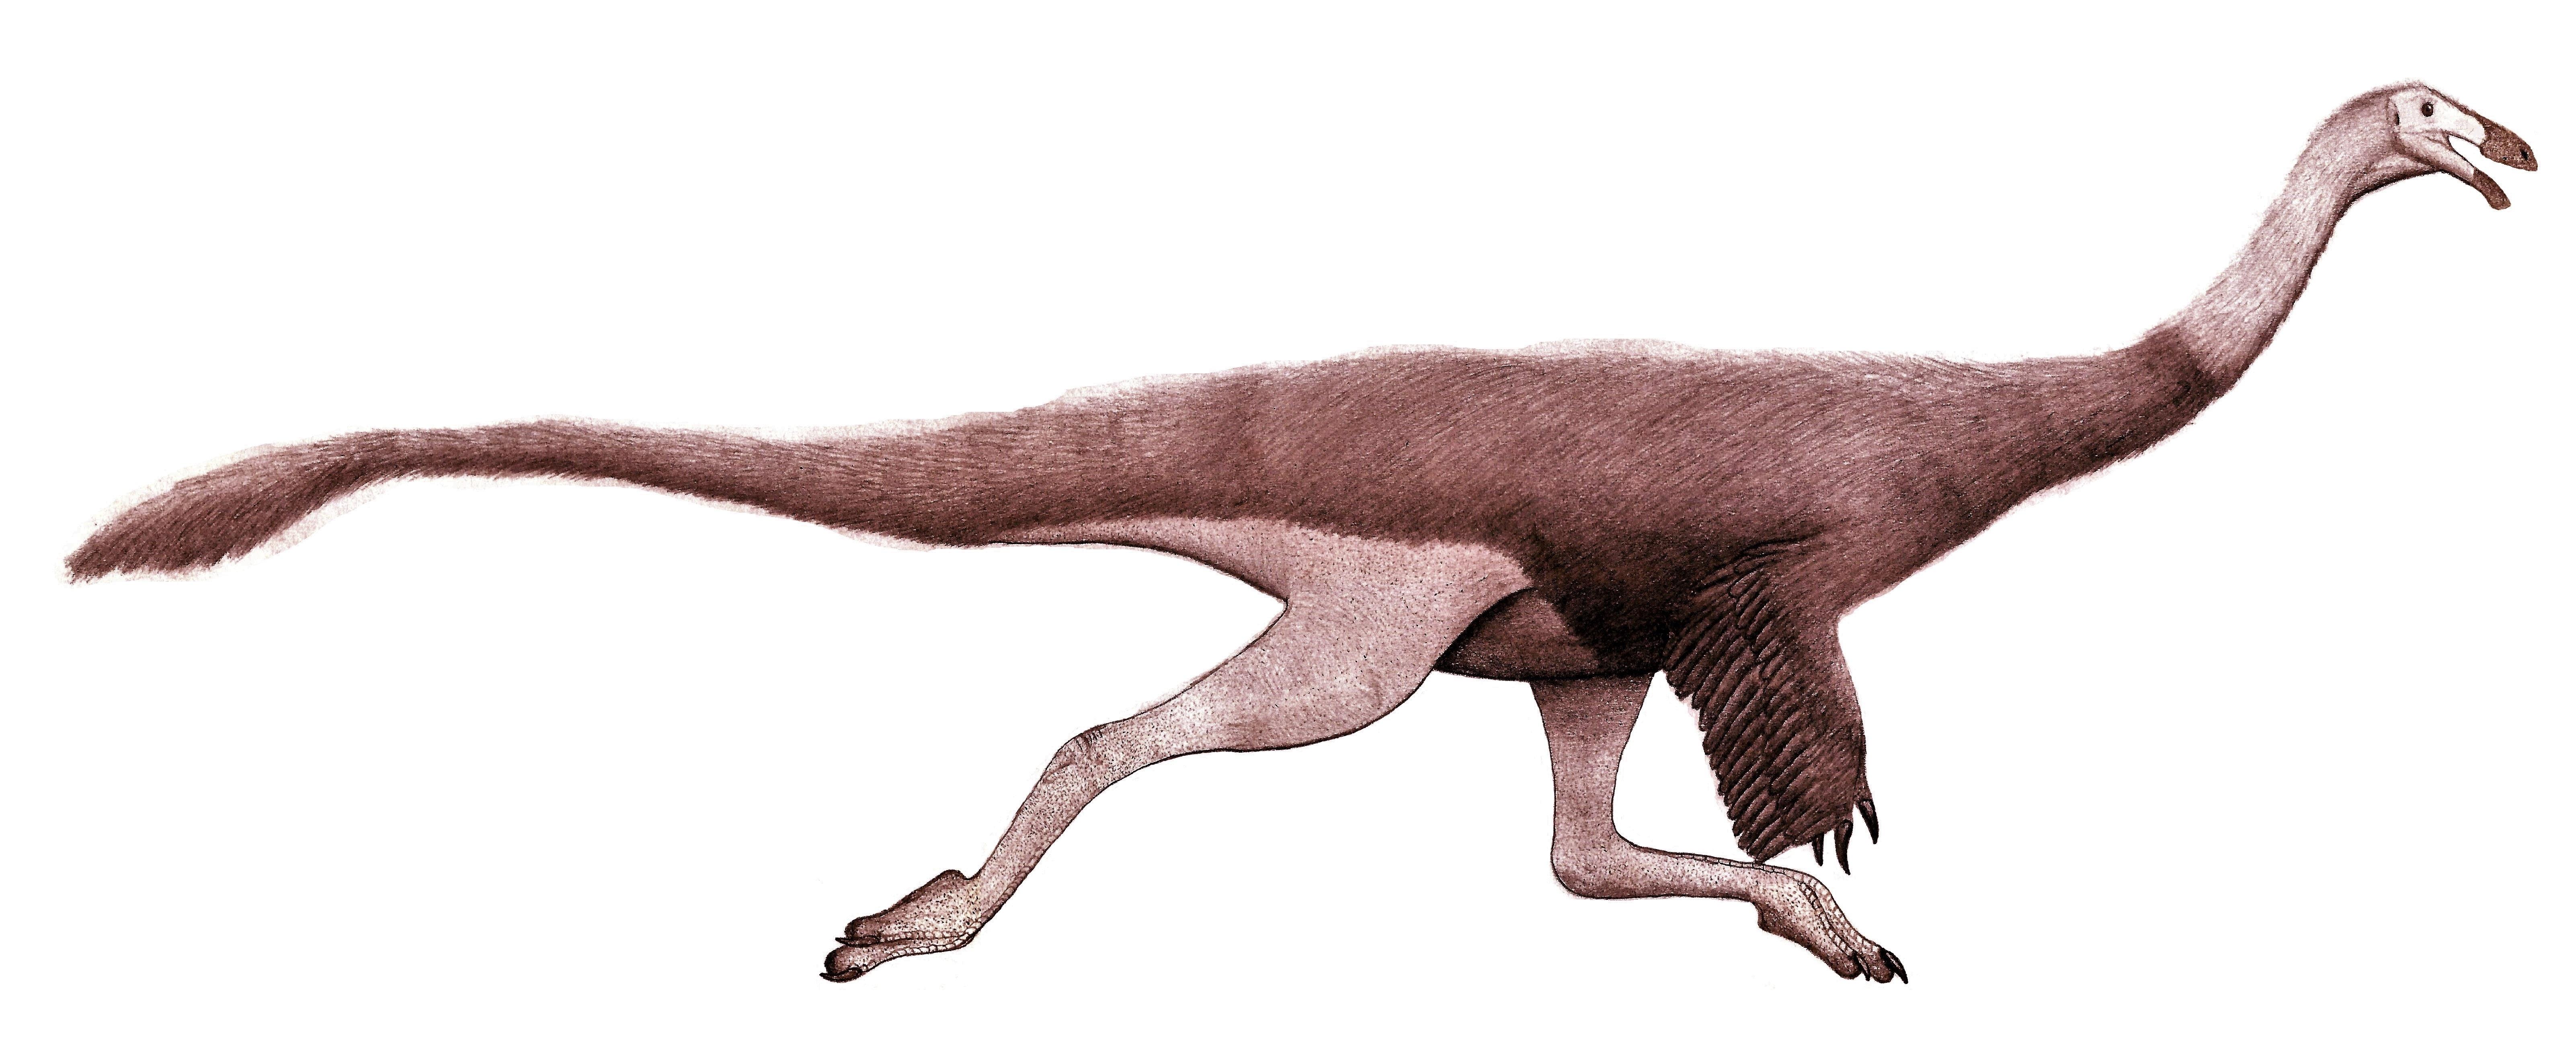 Image of ornithomimids